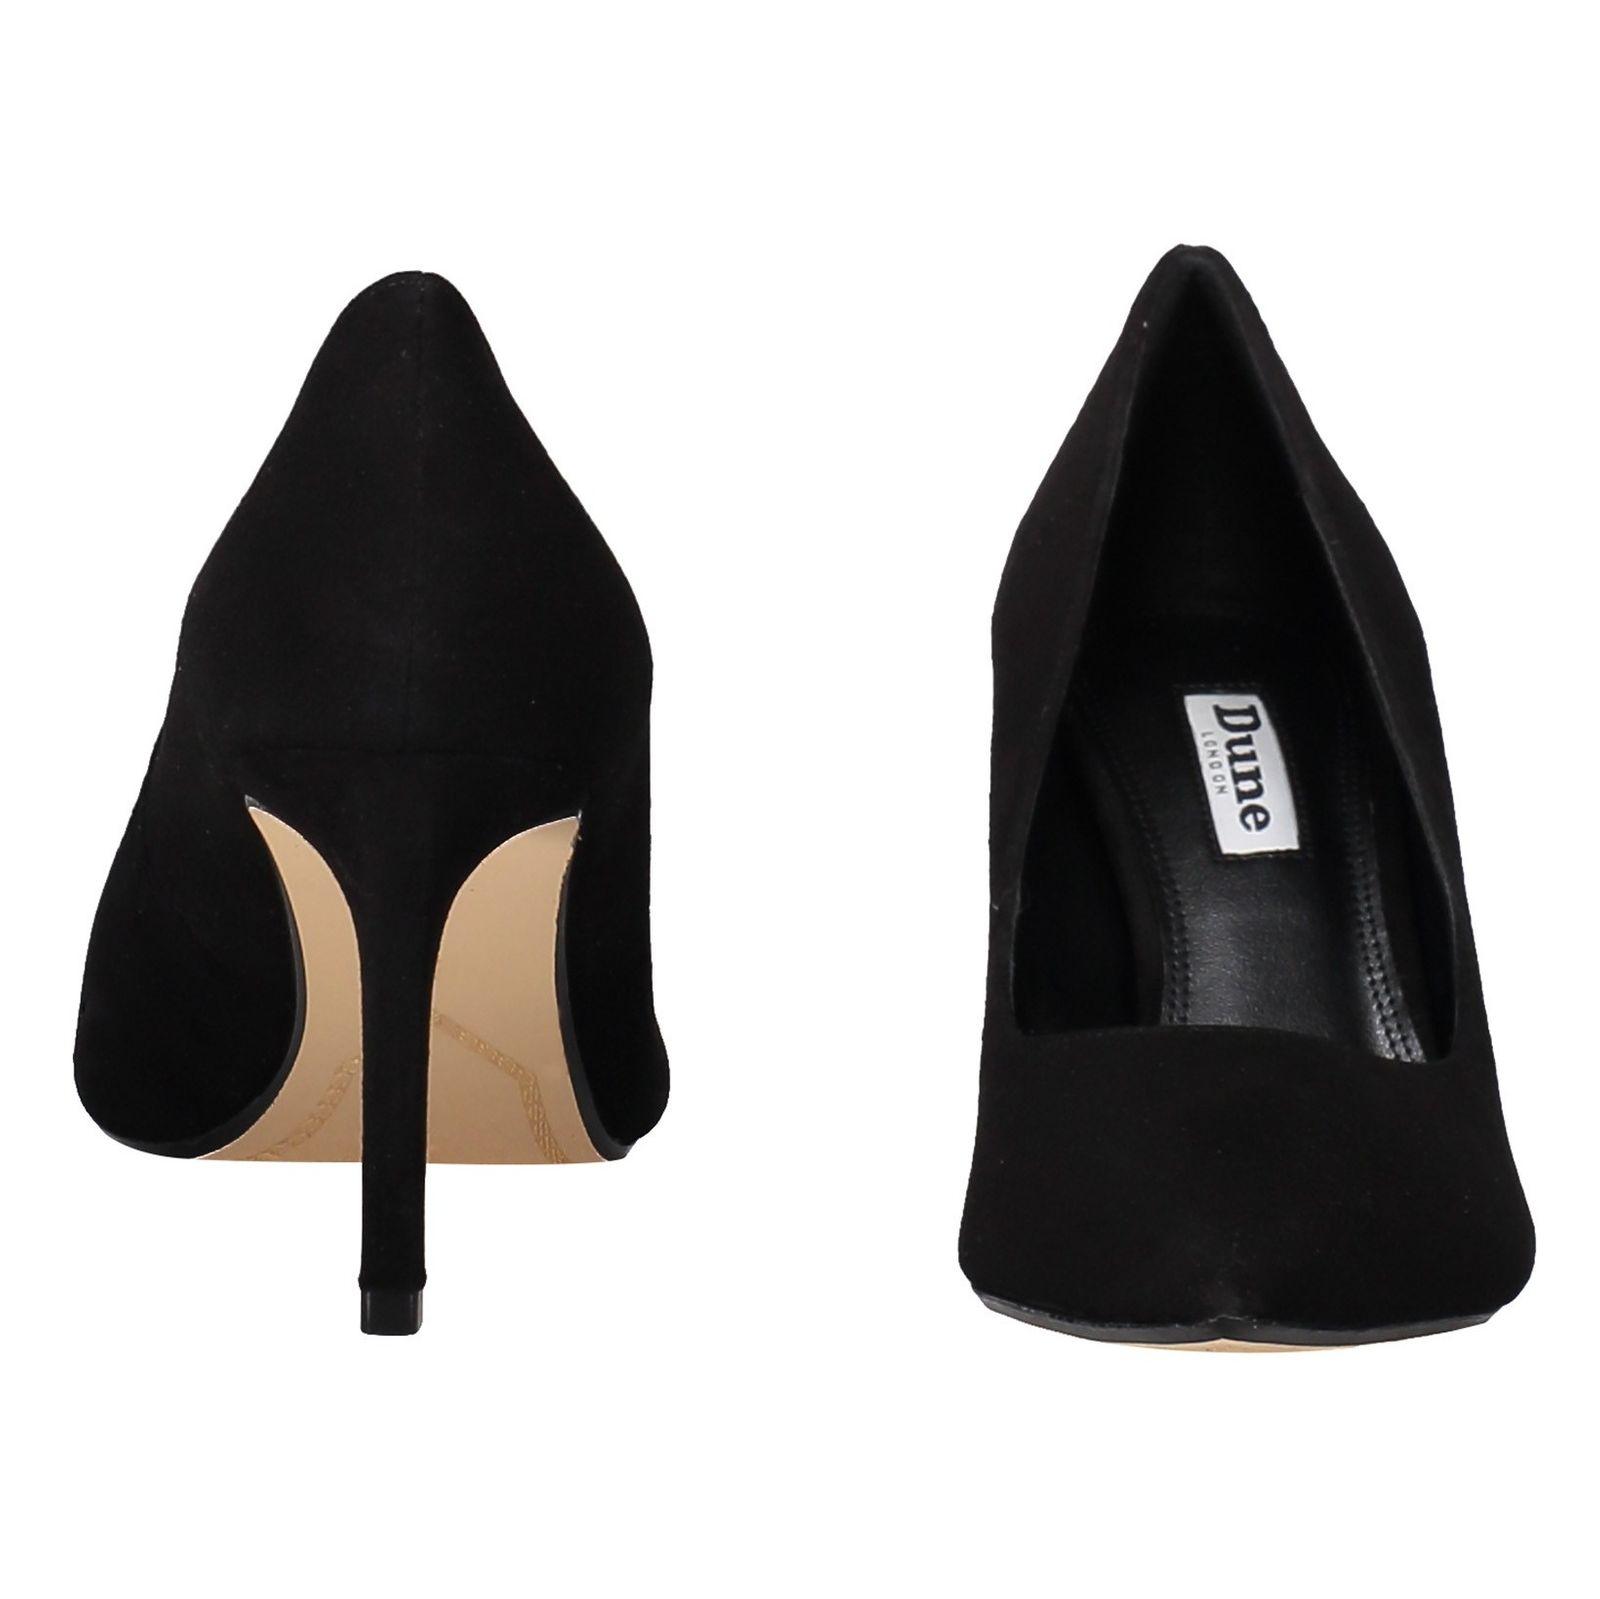 کفش پاشنه بلند جیر زنانه - دون لندن - مشکي - 5